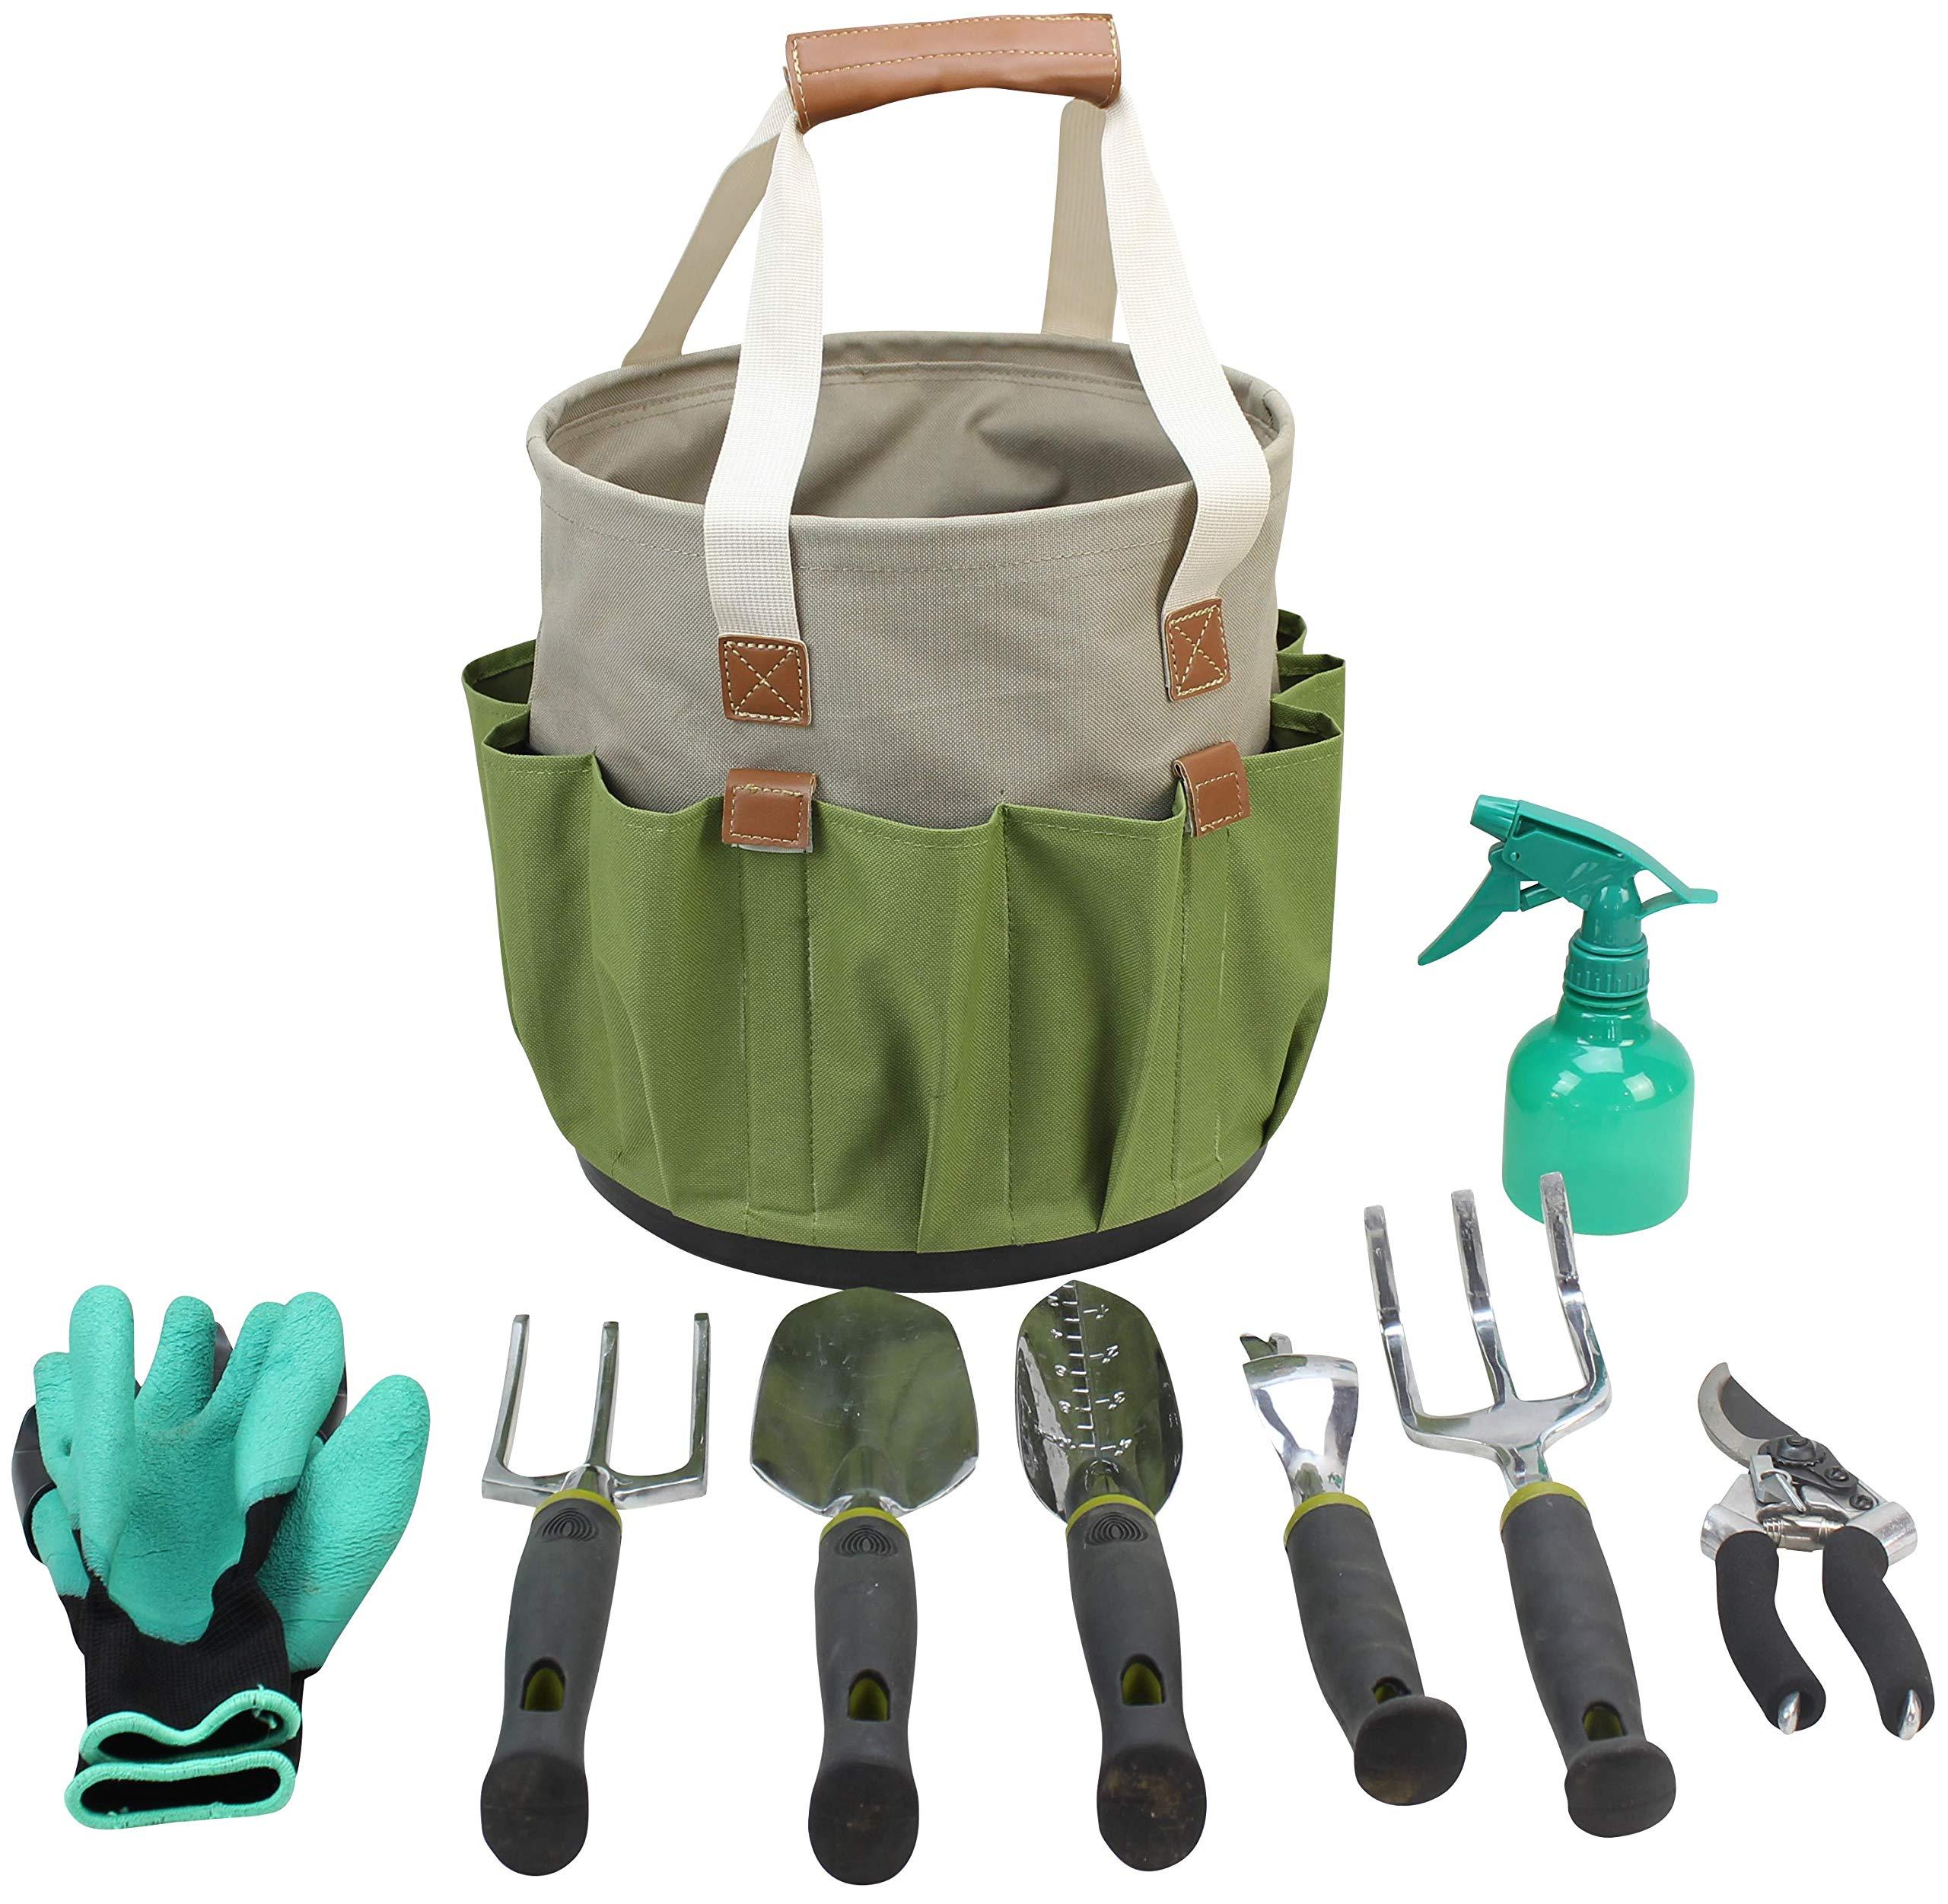 Garden Tools Set | Gardening Gifts | Gardening Tools Set | 9 Piece Garden Tool Set | Digging Claw Gardening Gloves Succulent Tool Set | Planting Tools | Gardening Supplies Basket | Rake Gloves by CALIFORNIA PICNIC